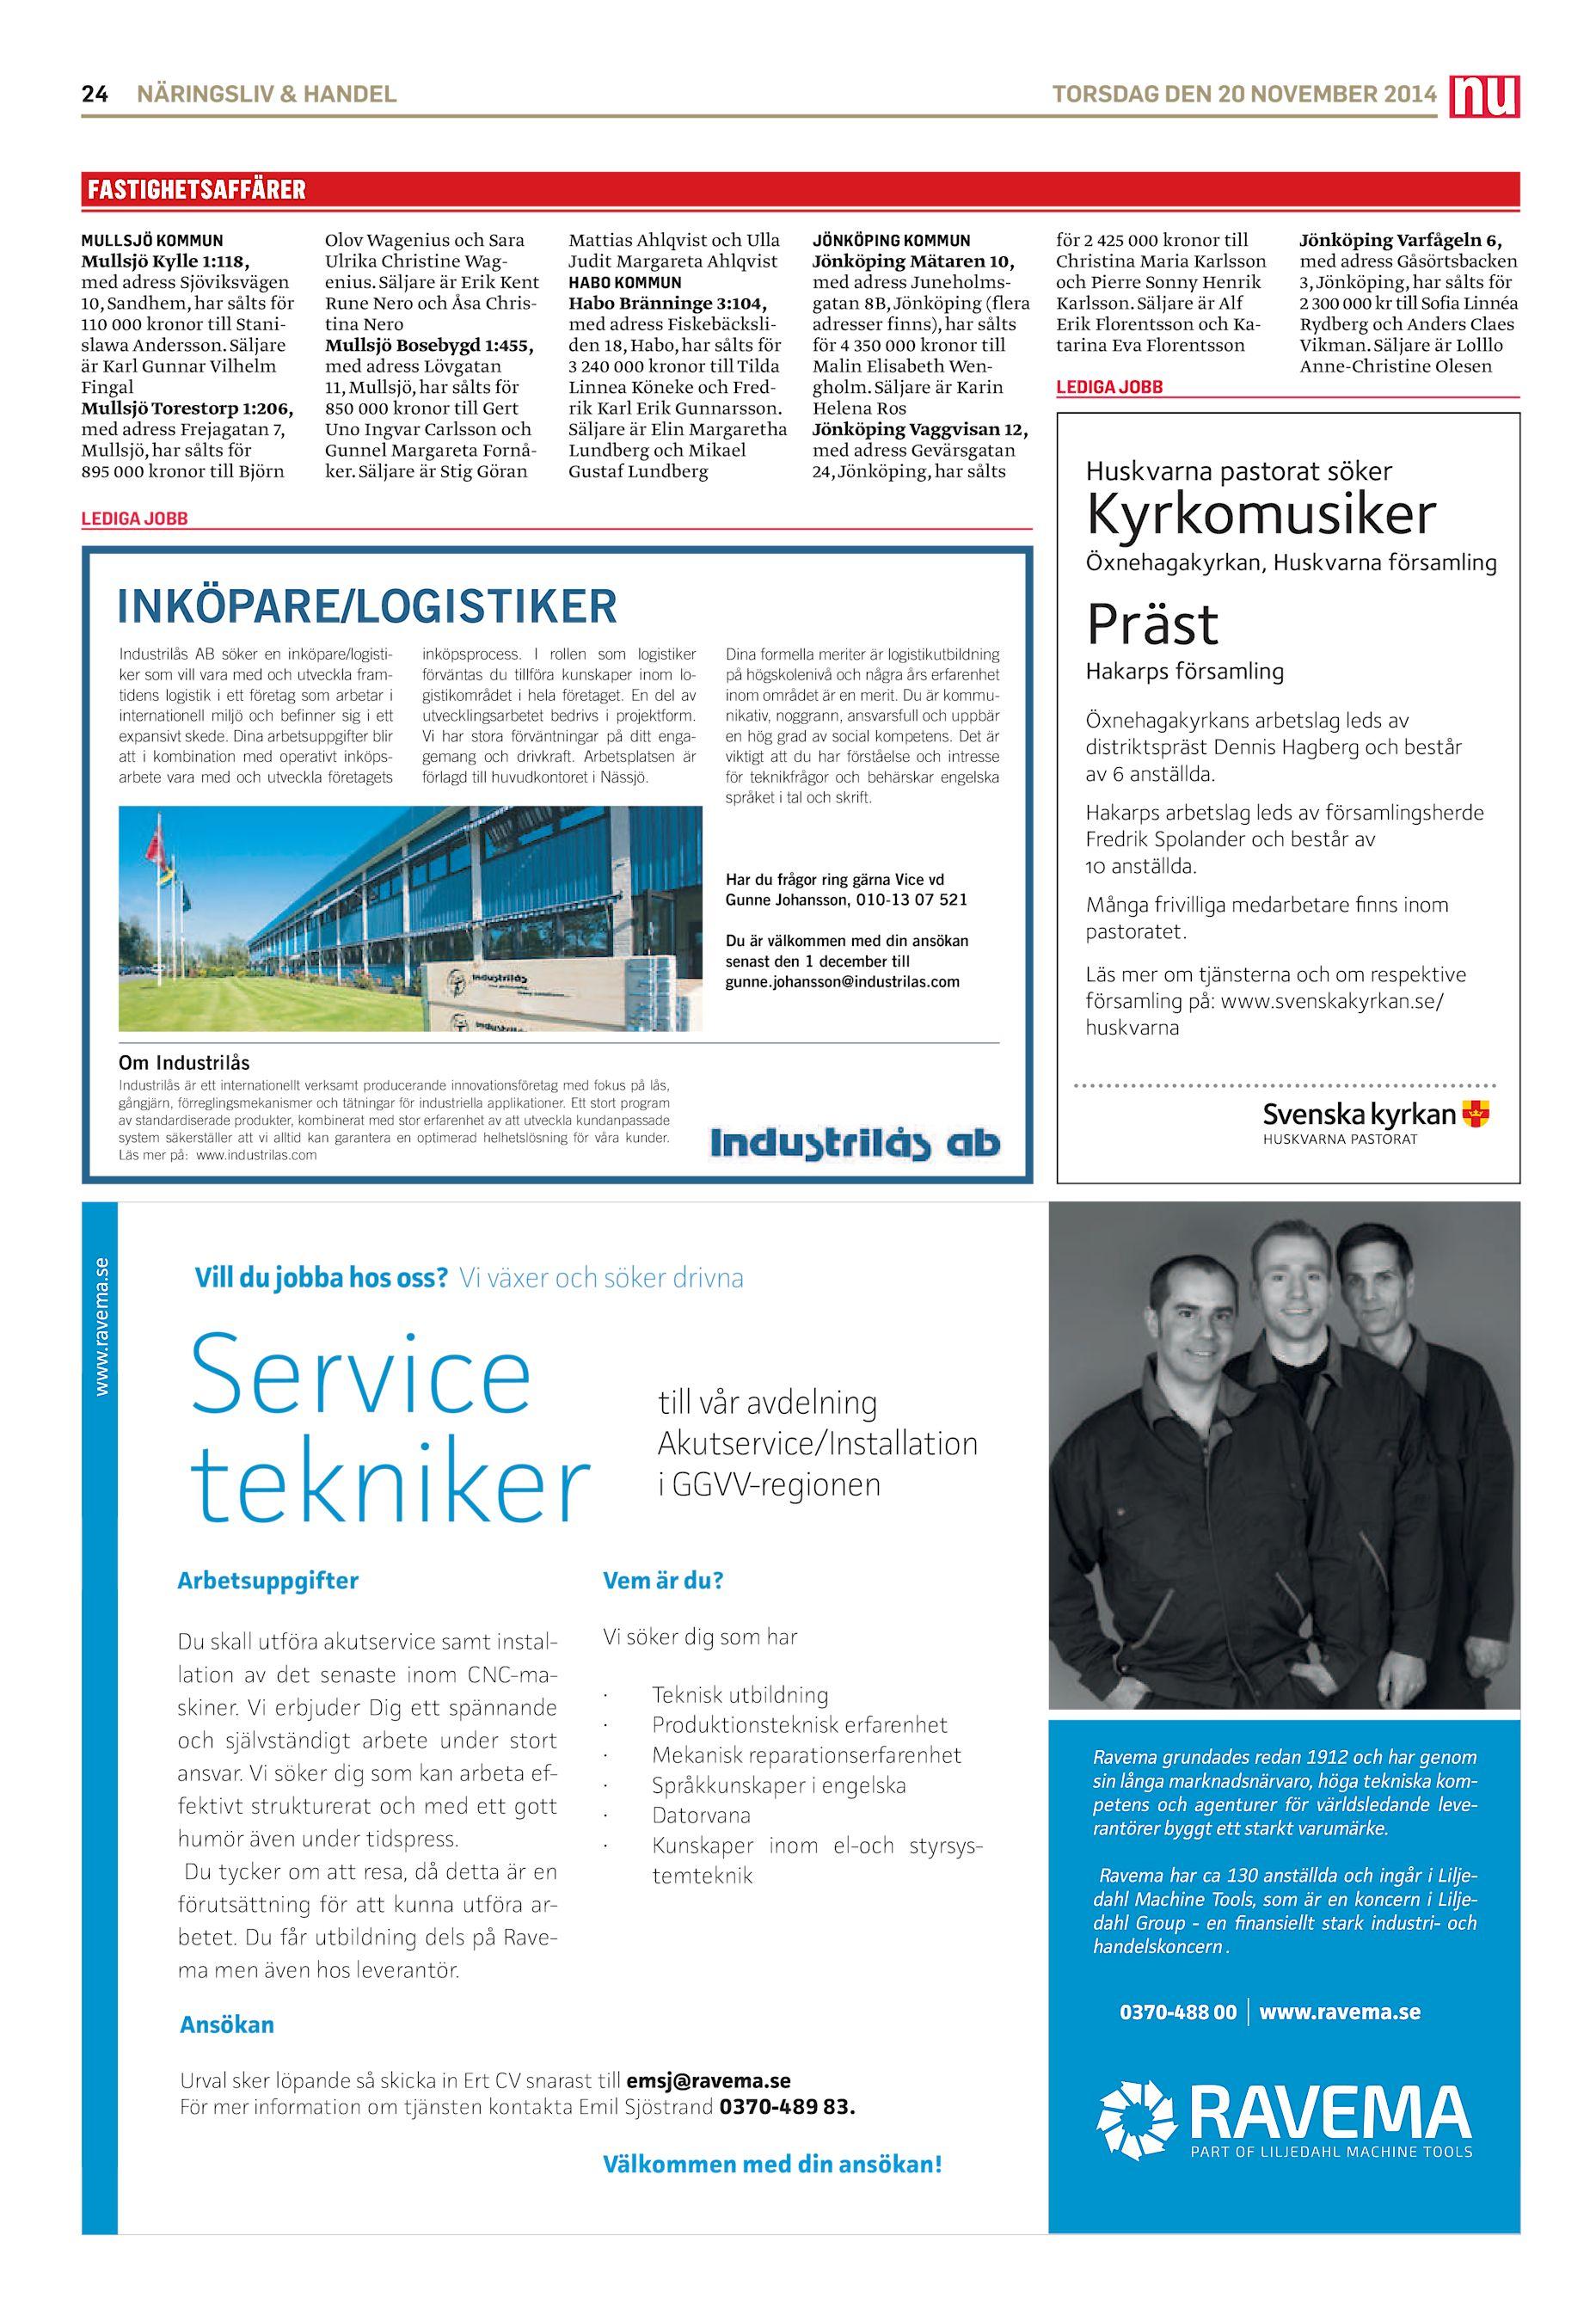 2f5692399c2 Jönköping.nu JNU-20141120 (endast text)